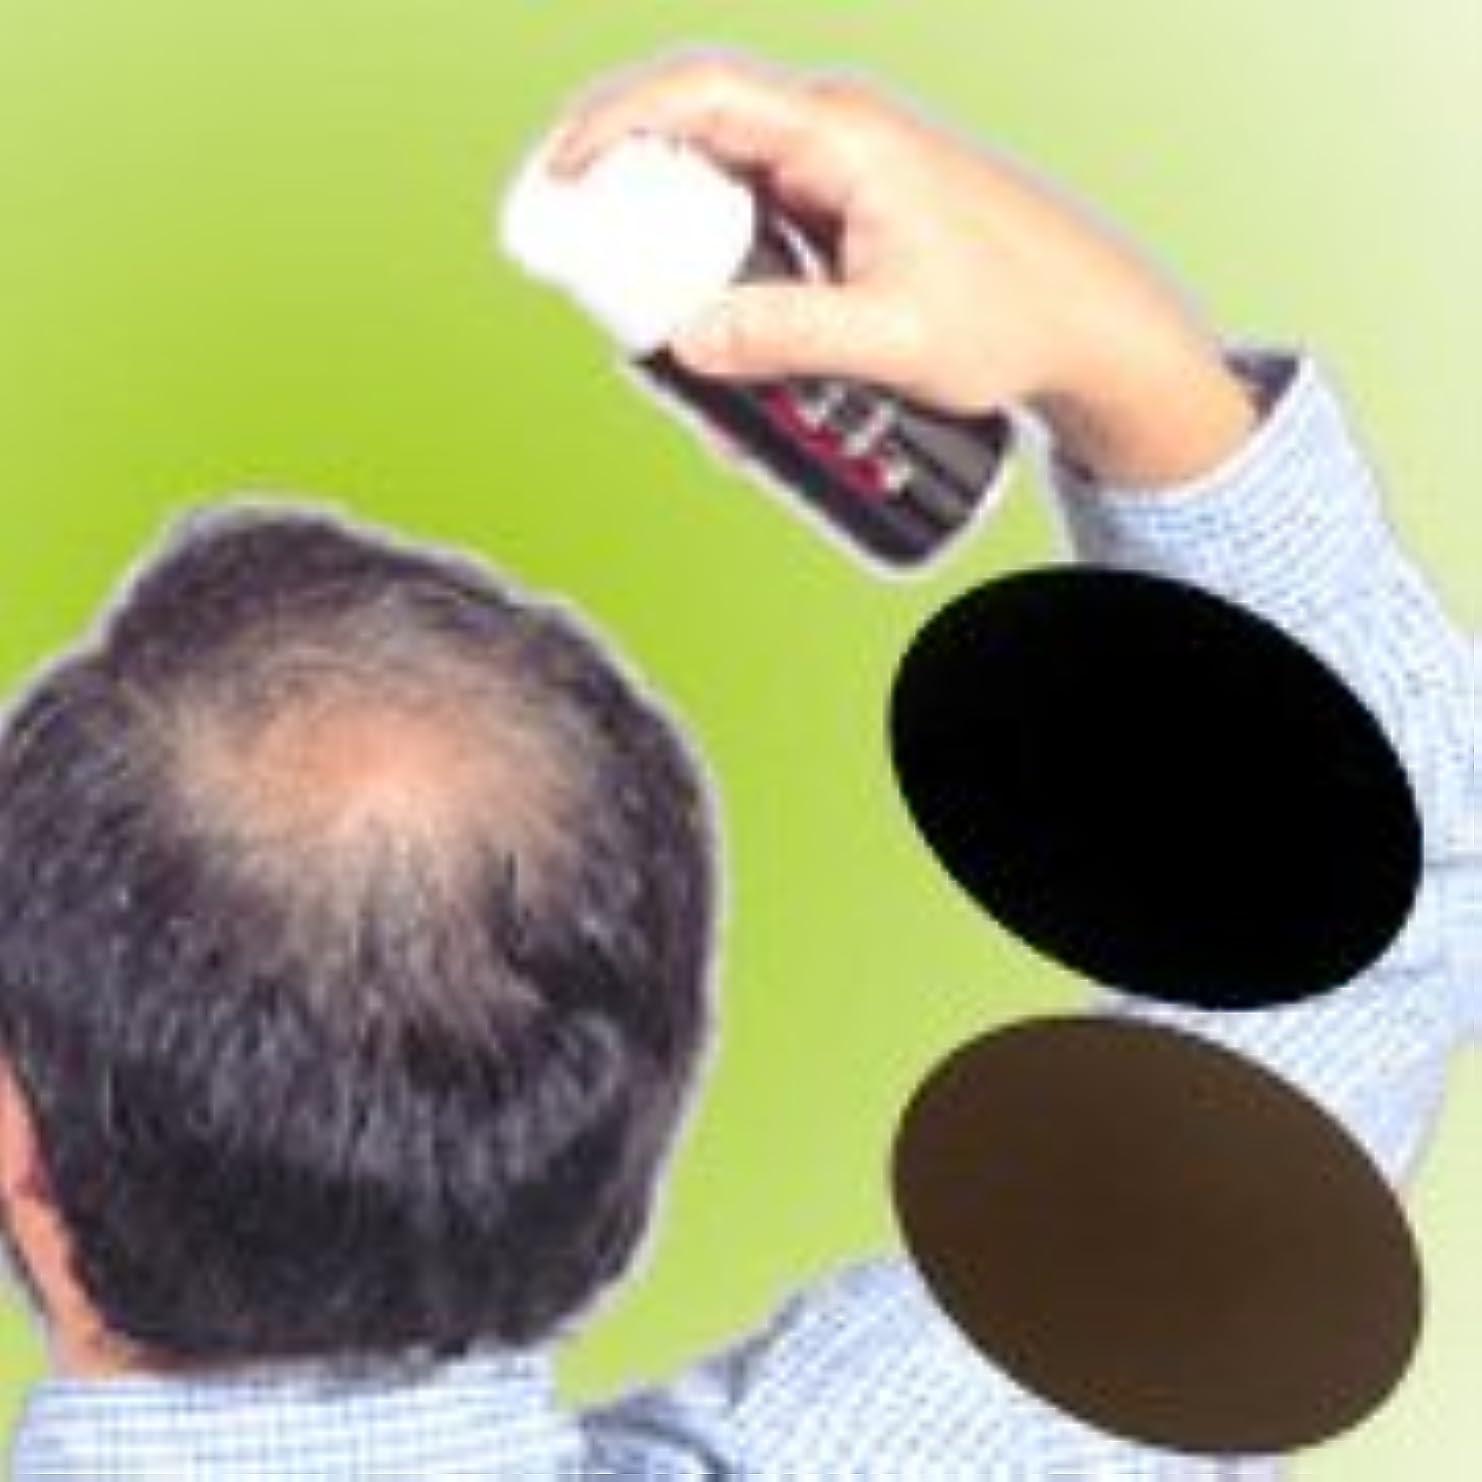 貨物記憶火炎薄毛?白髪をワンタッチで隠します!男女兼用タイプの増毛スプレー!!【トミーリッチ ブラックヘアー】 (こちらの商品の内訳は『18000100_ブラック<数量12単位>』のみ)